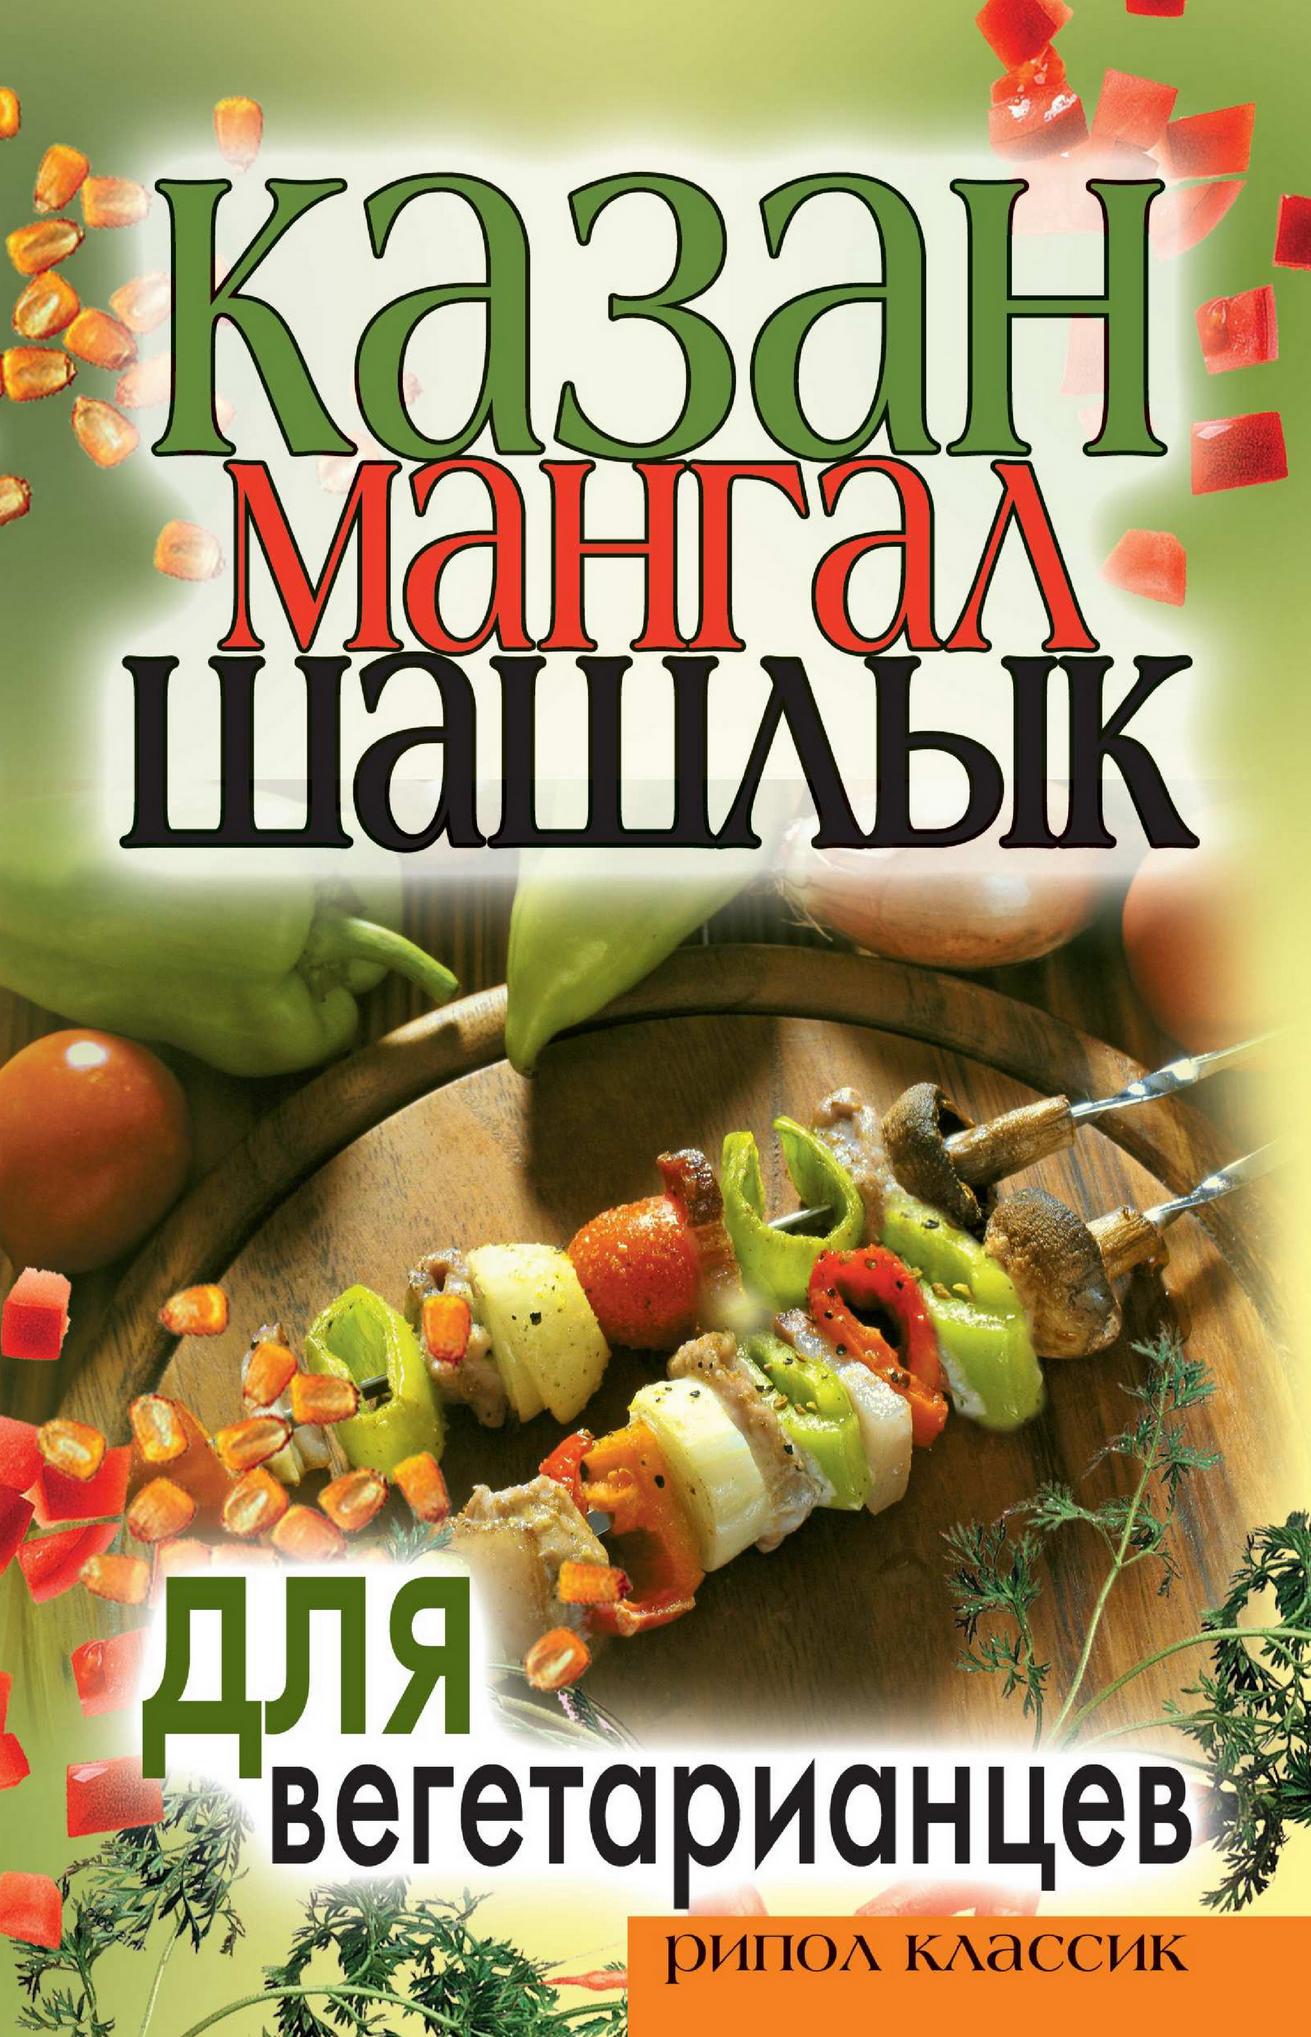 Отсутствует Казан, мангал, шашлык для вегетарианцев отсутствует казан мангал шашлык для вегетарианцев isbn 978 5 386 00131 5